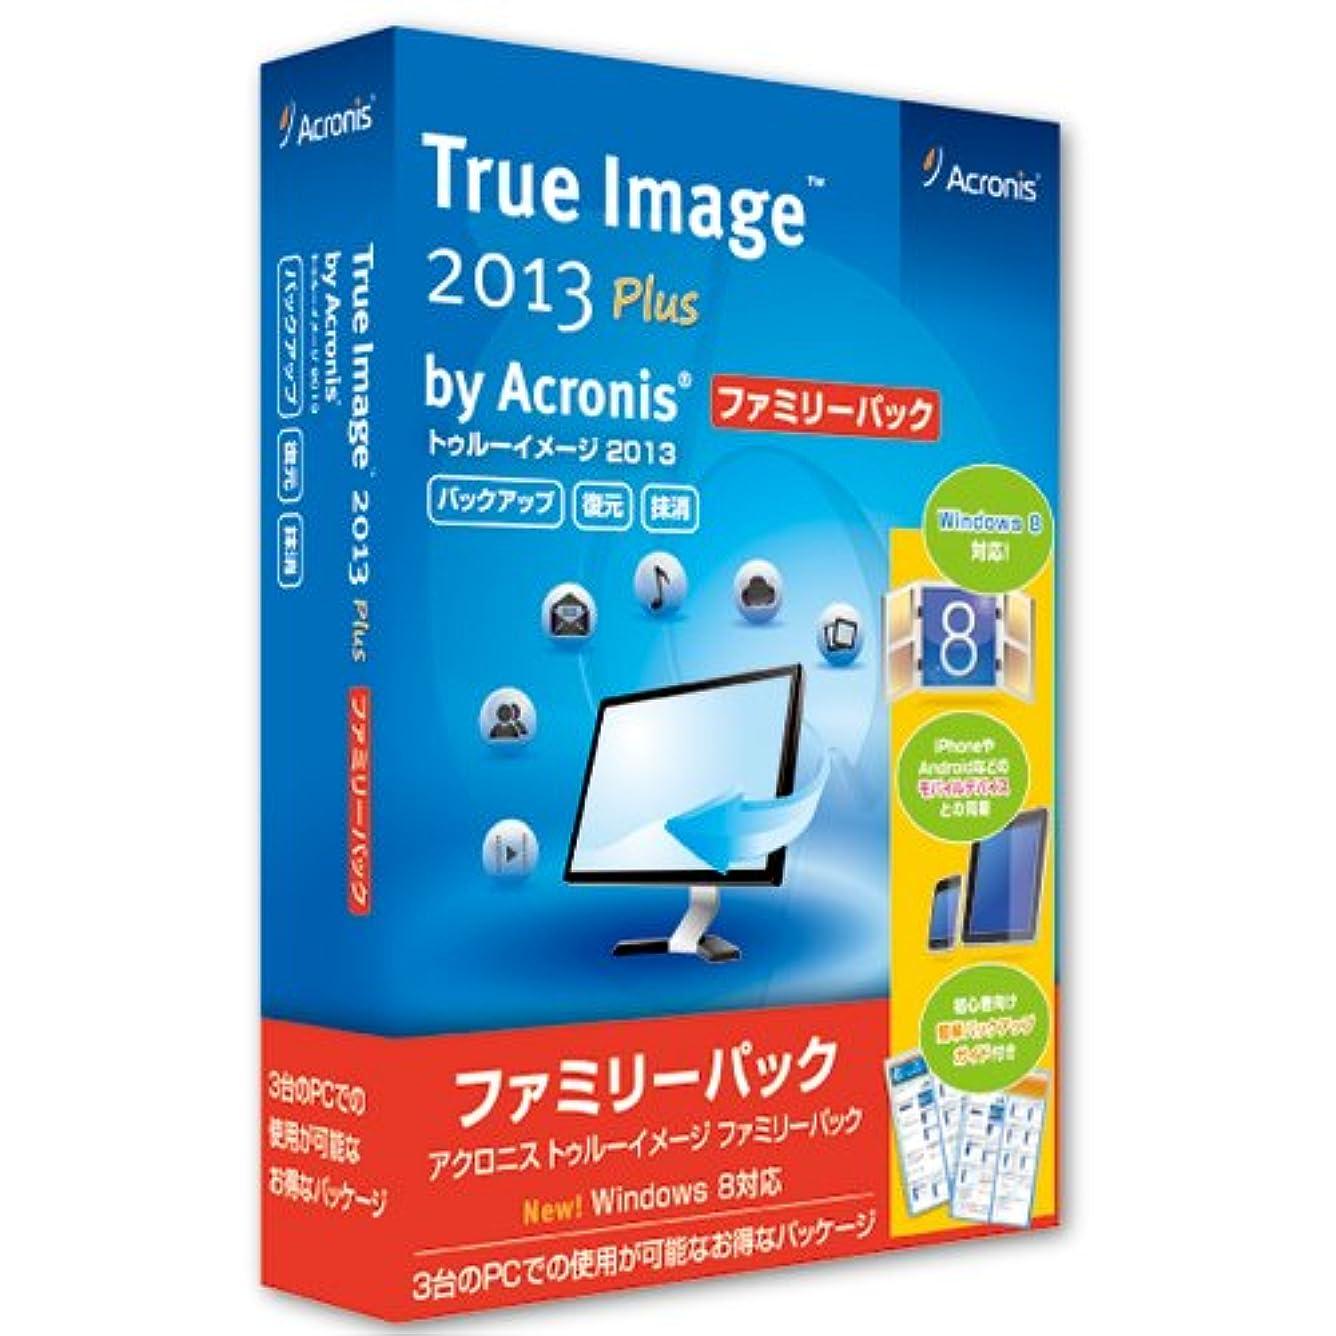 上回る密度テクトニックTrue Image 2013 Plus by Acronis ファミリーパック